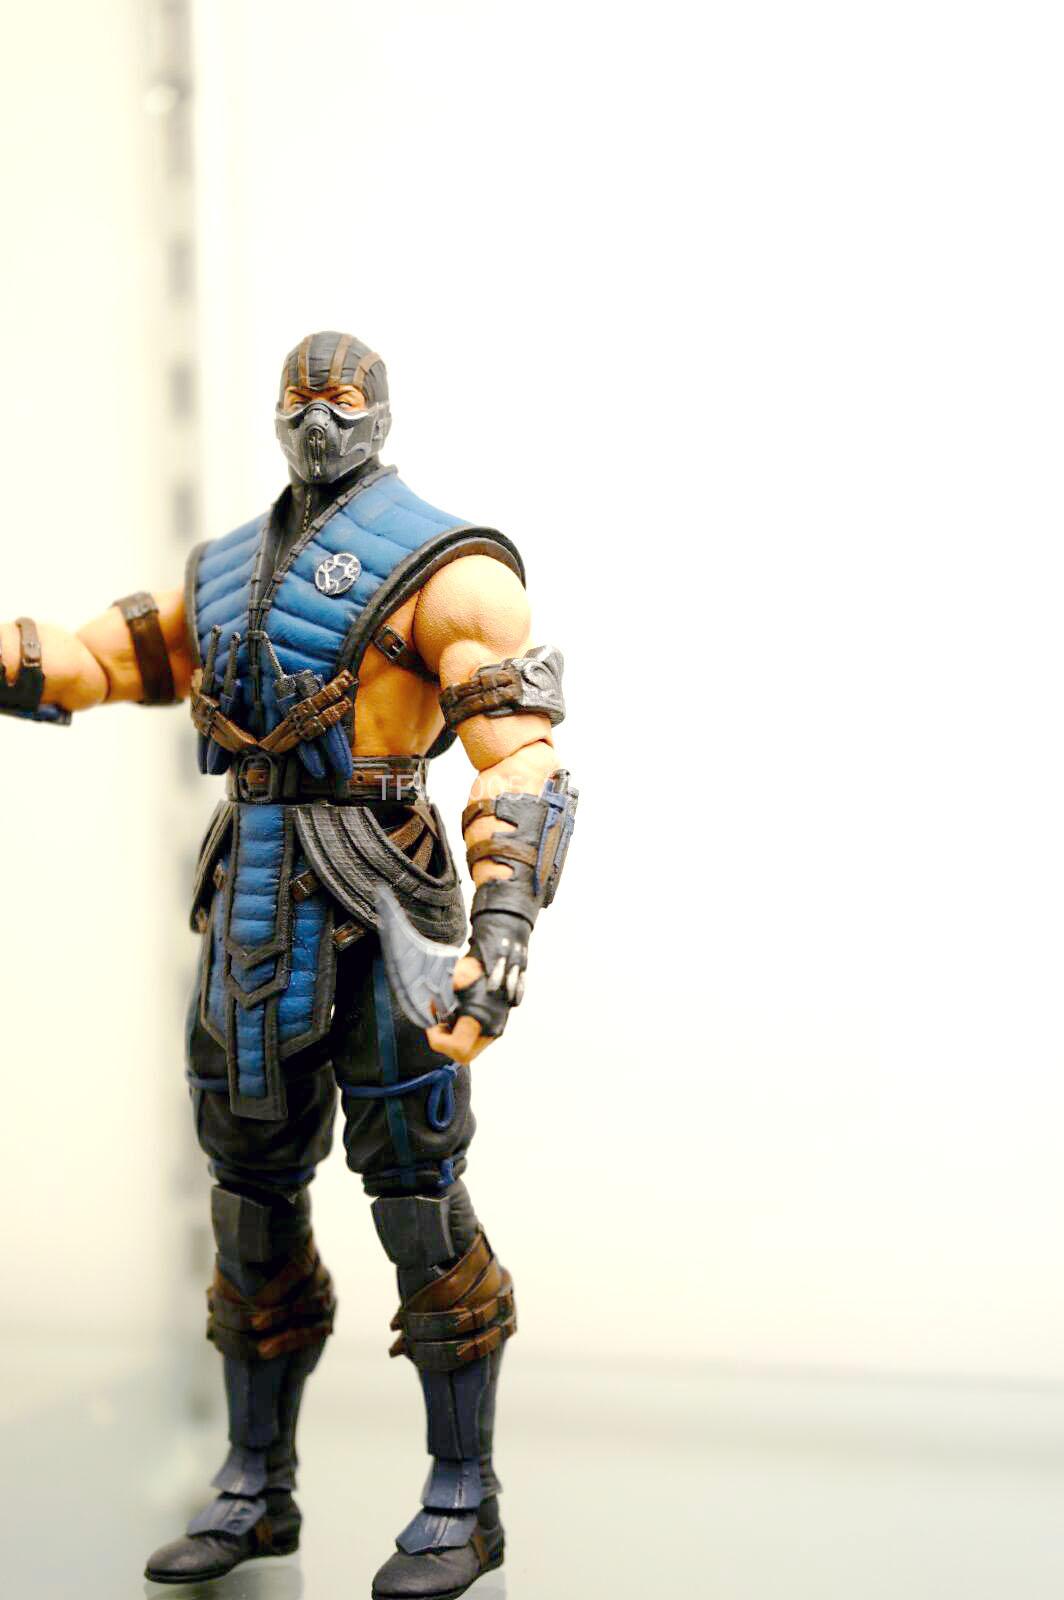 [NYCC 2014] MEZCO - 6-Inch Mortal Kombat X Figures NYCC-2014-Mezco-Mortal-Kombat-X-005